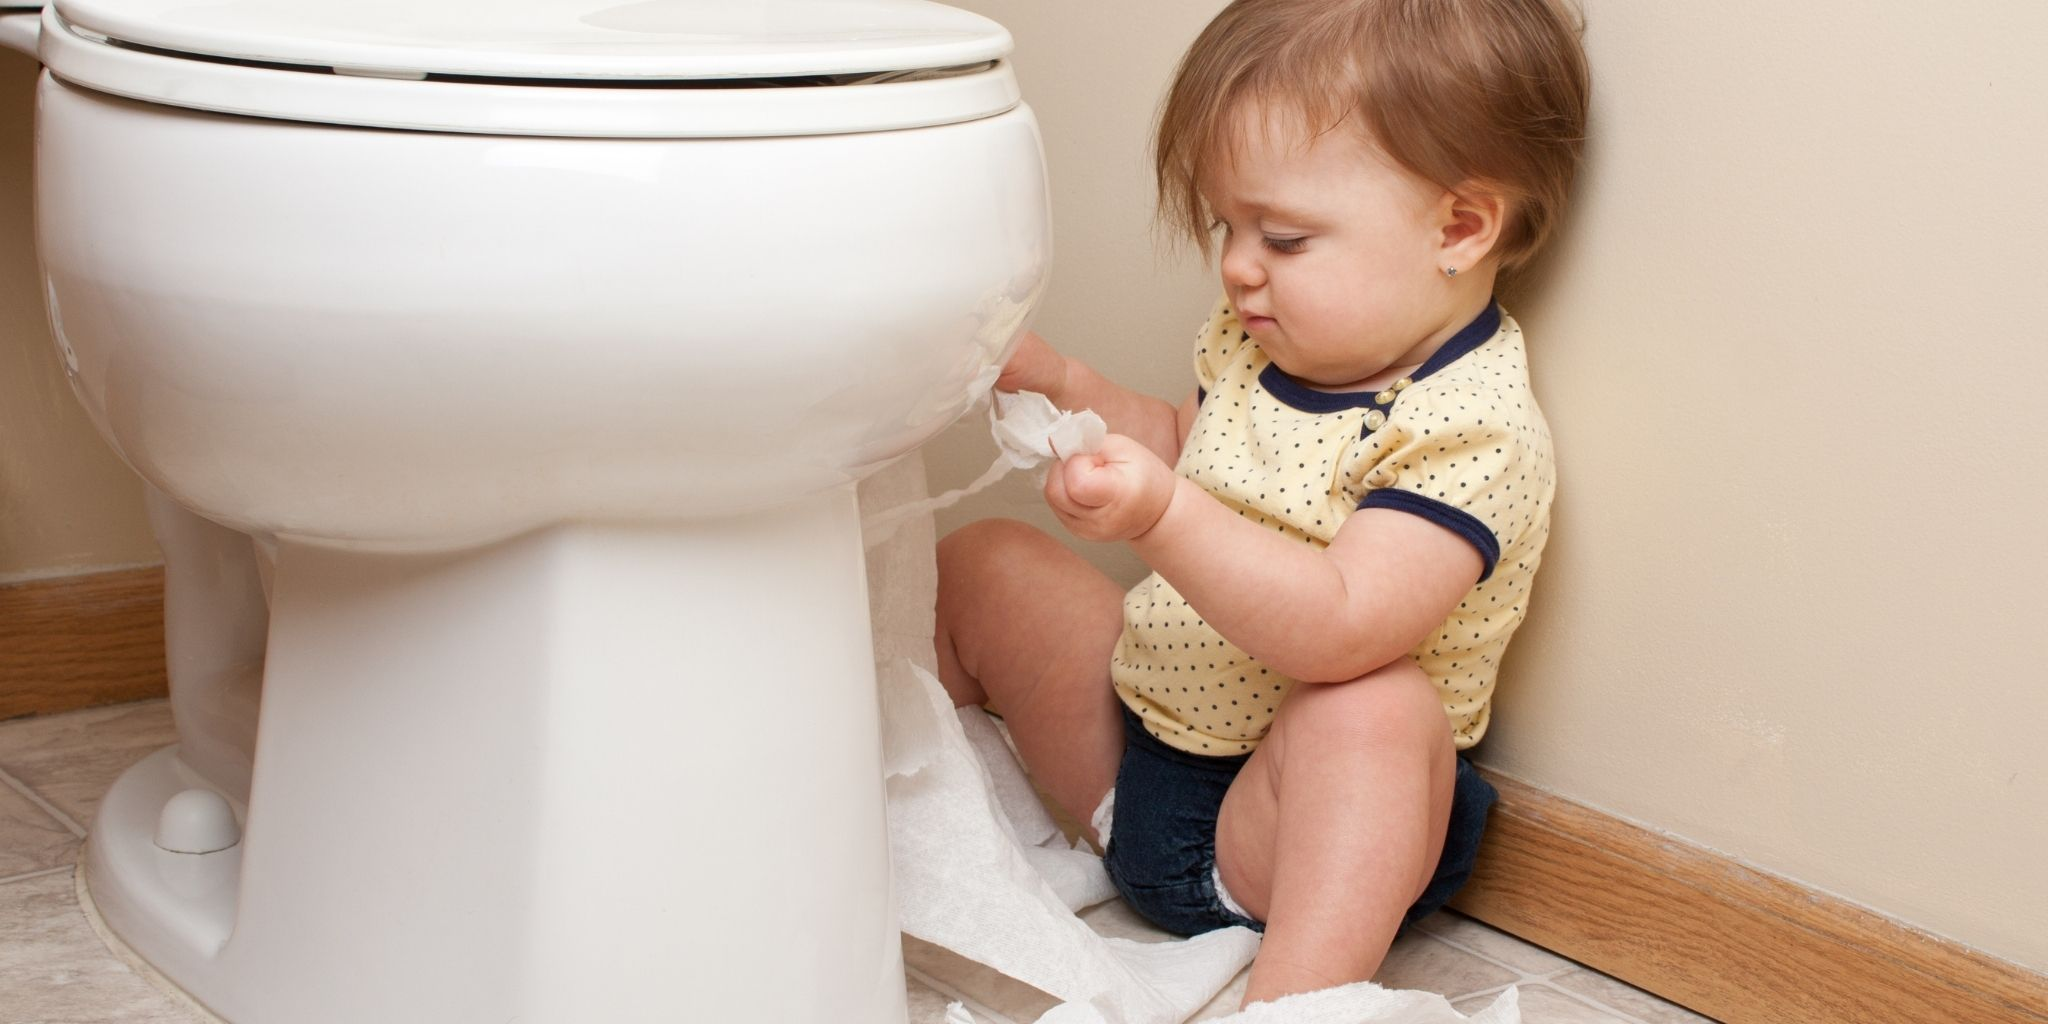 Toddler Toilet Training